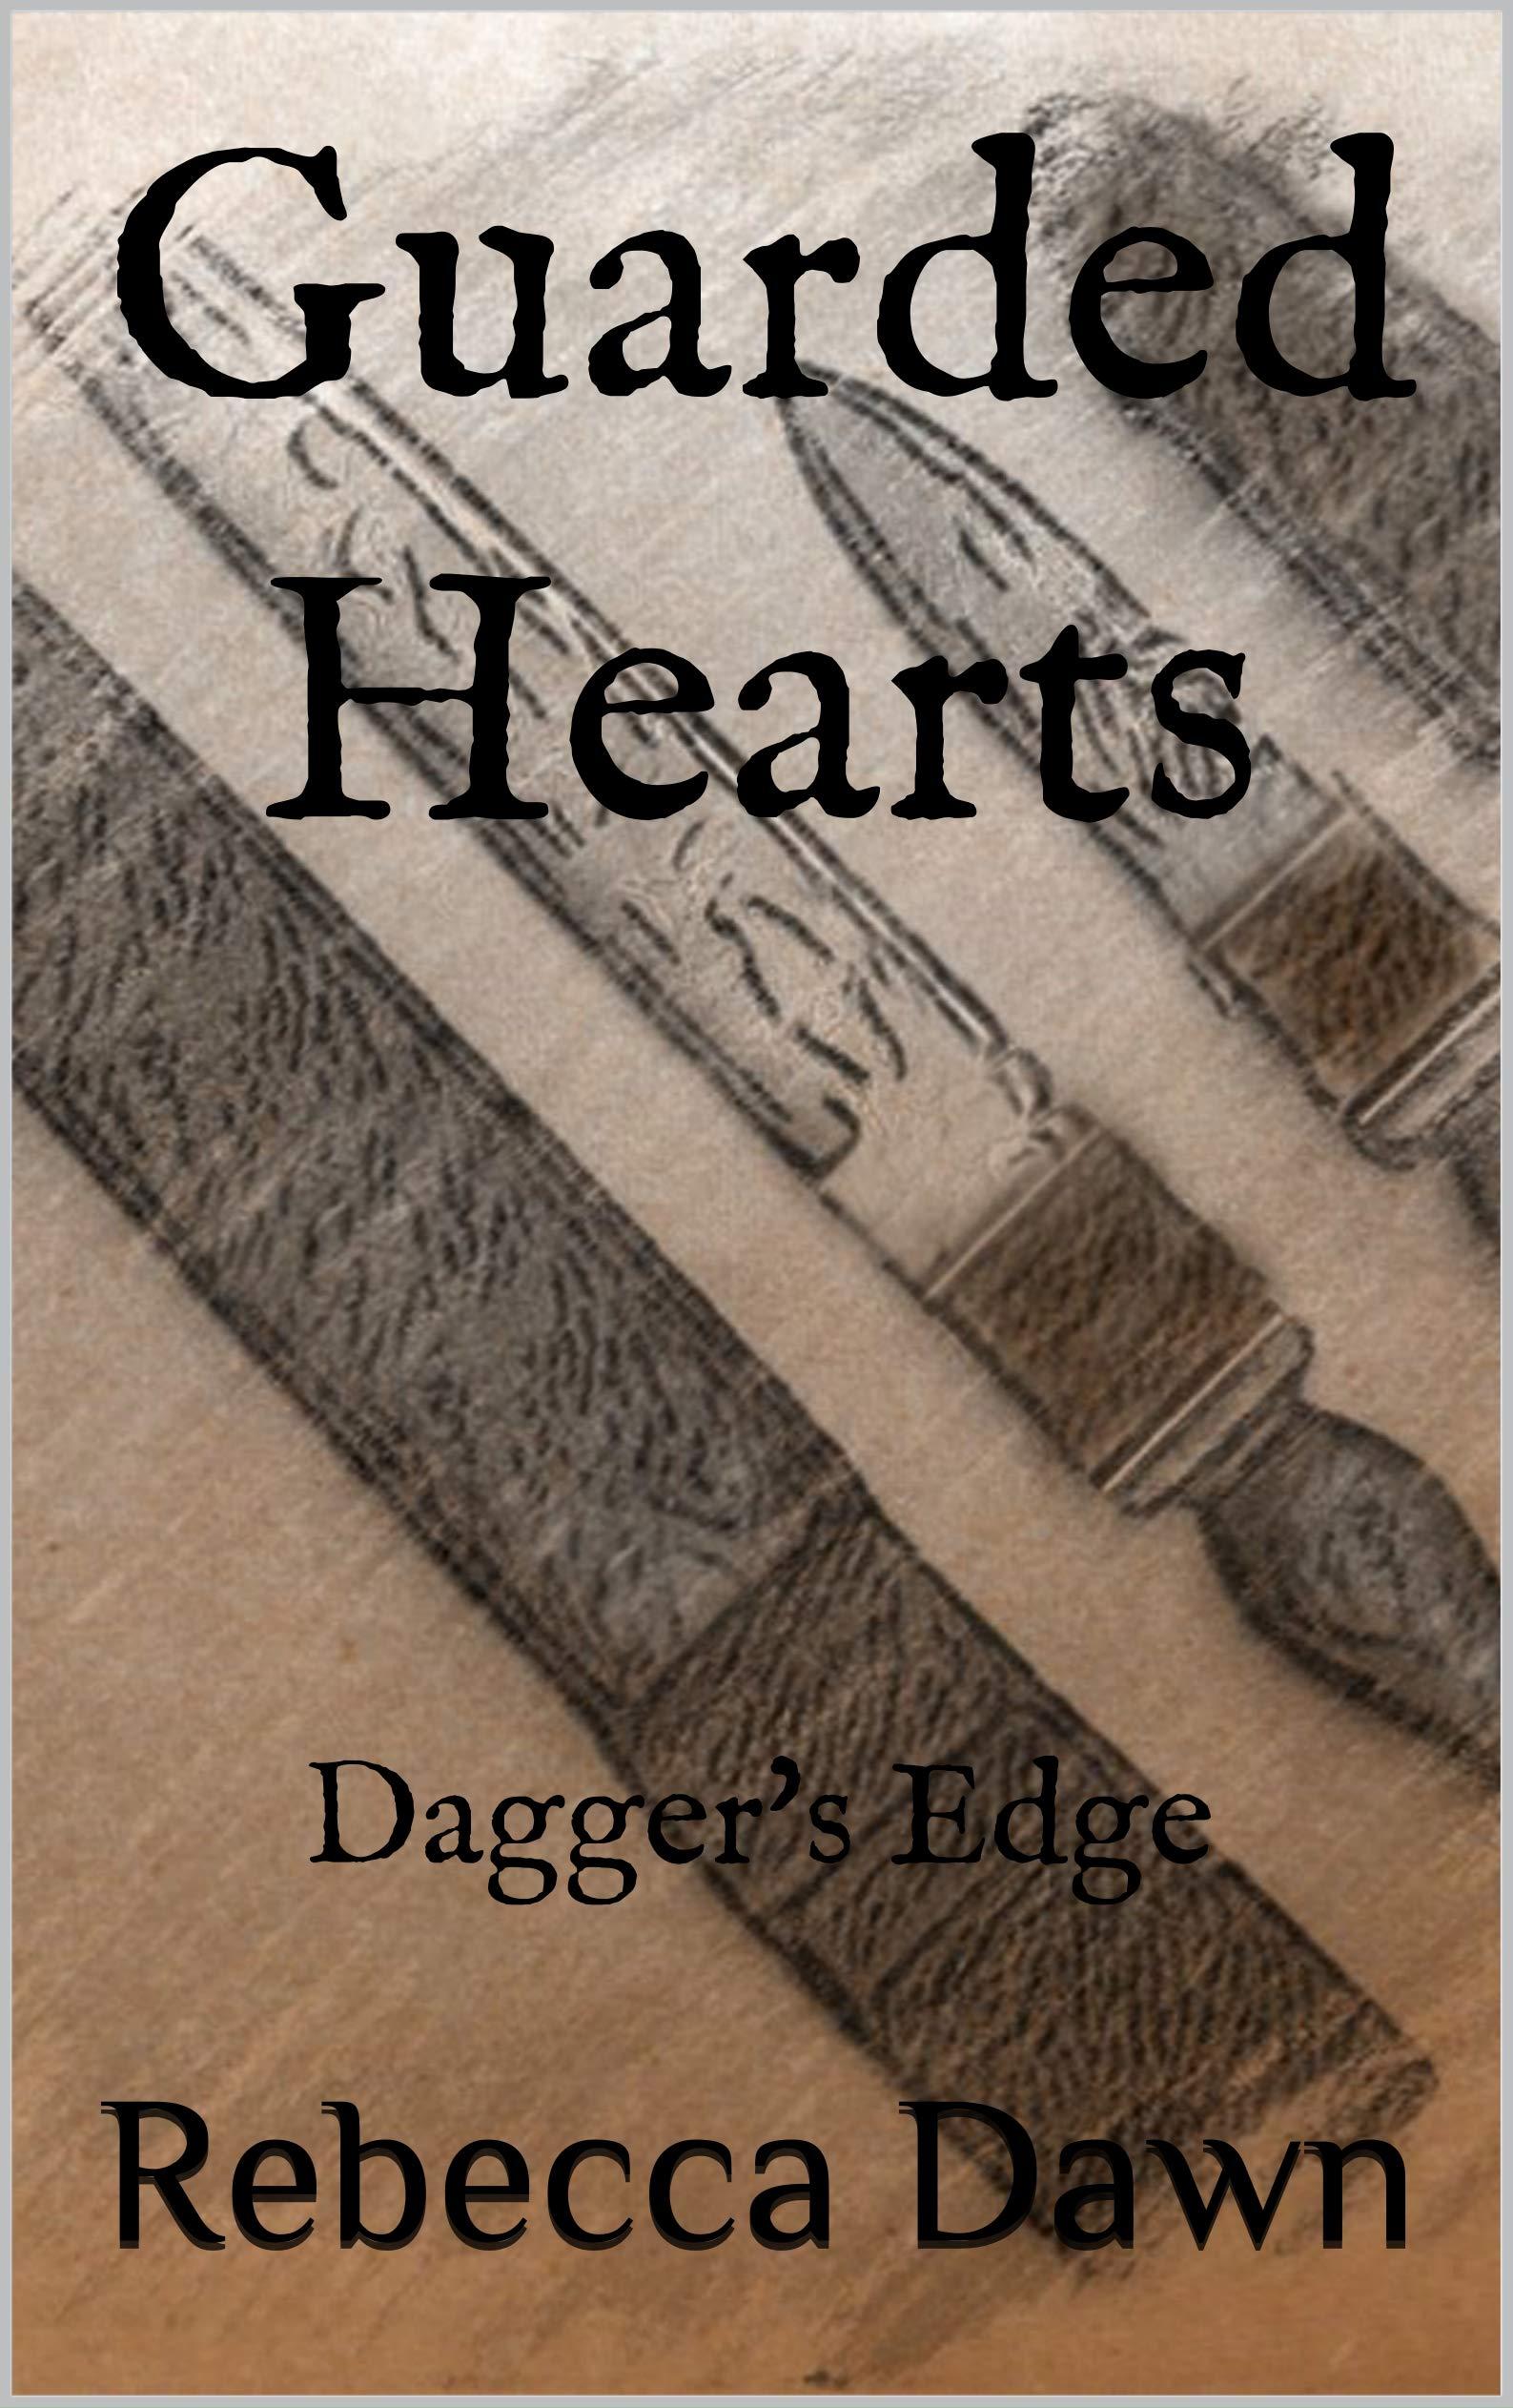 Guarded Hearts: Dagger's Edge